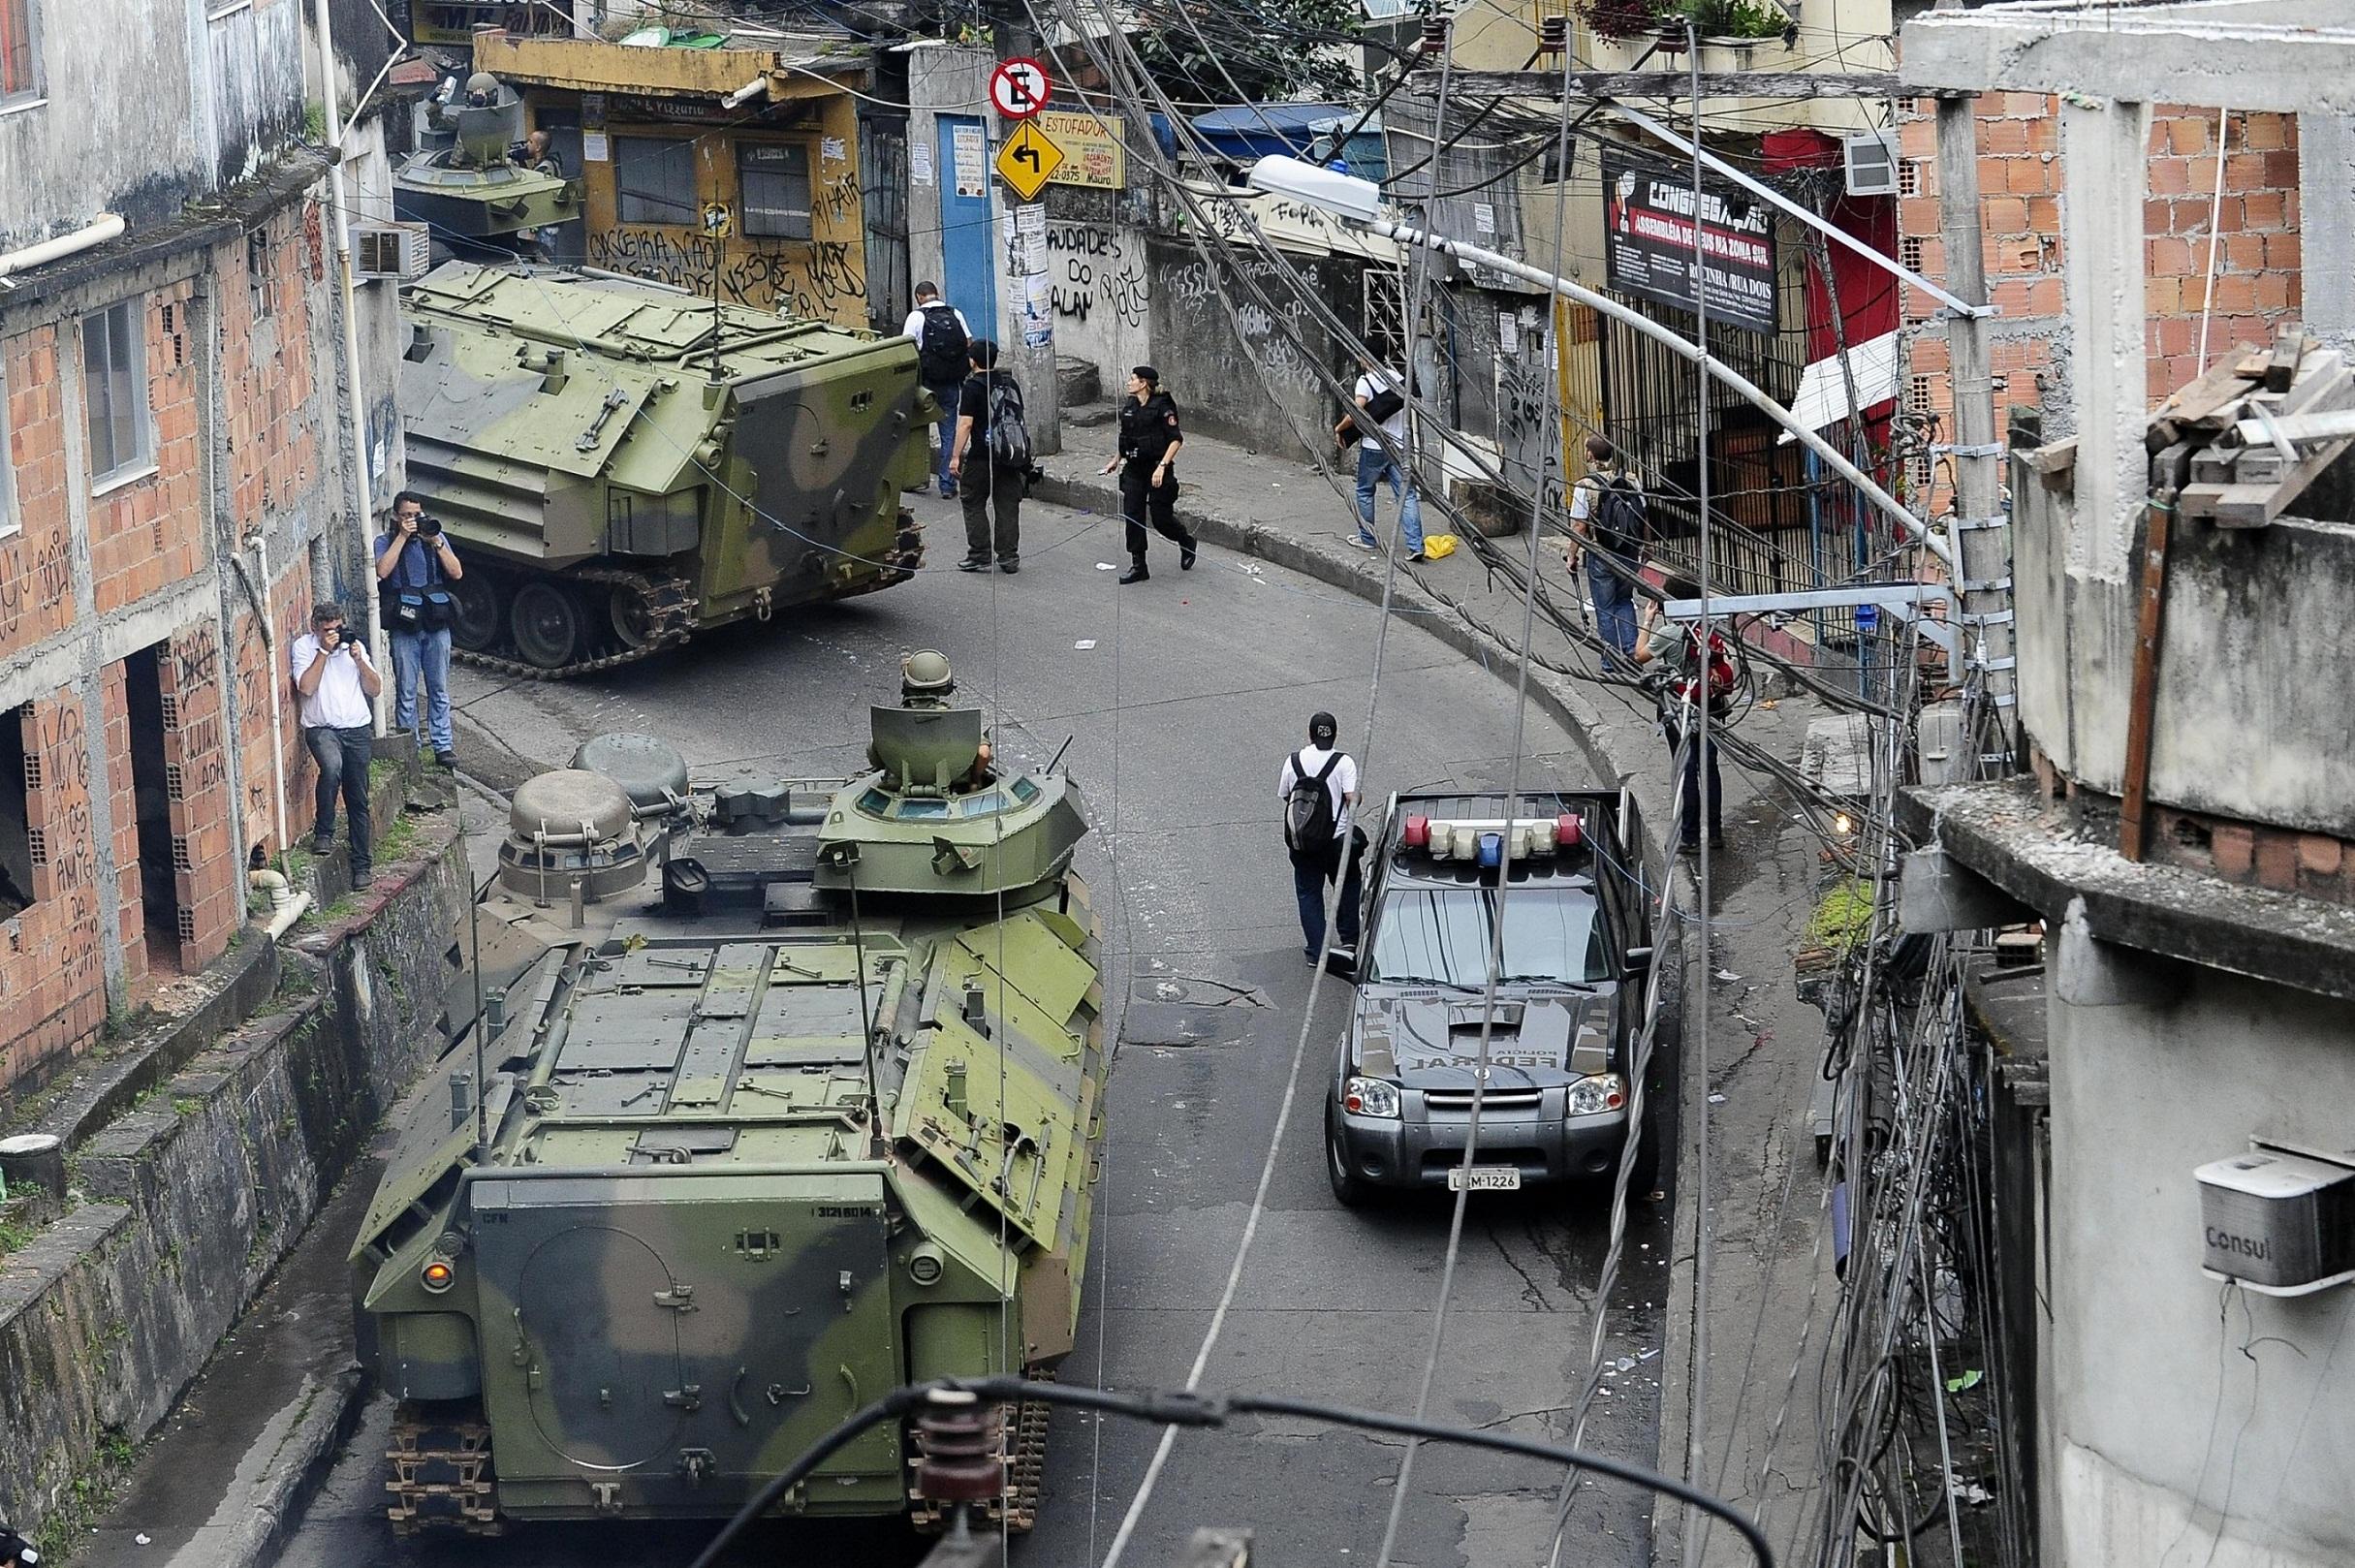 Polizia nella favela